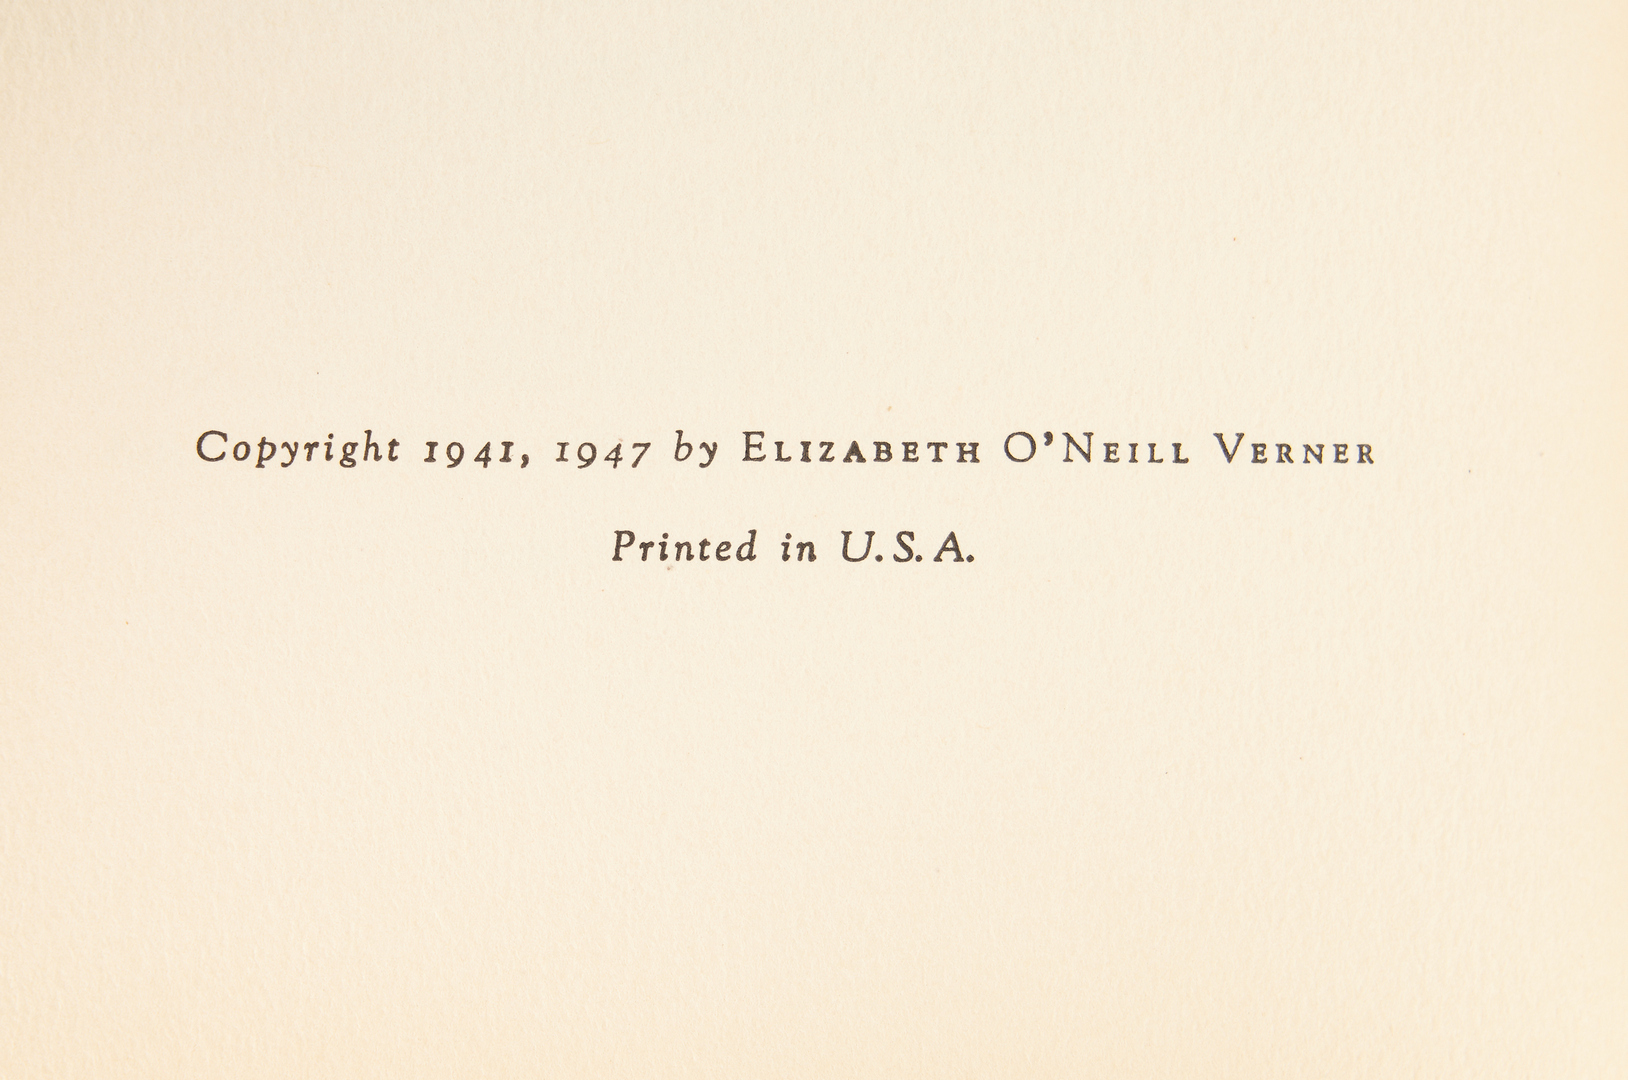 Lot 814: 2 Elizabeth Verner Signed Prints & Signed Book, 3 items